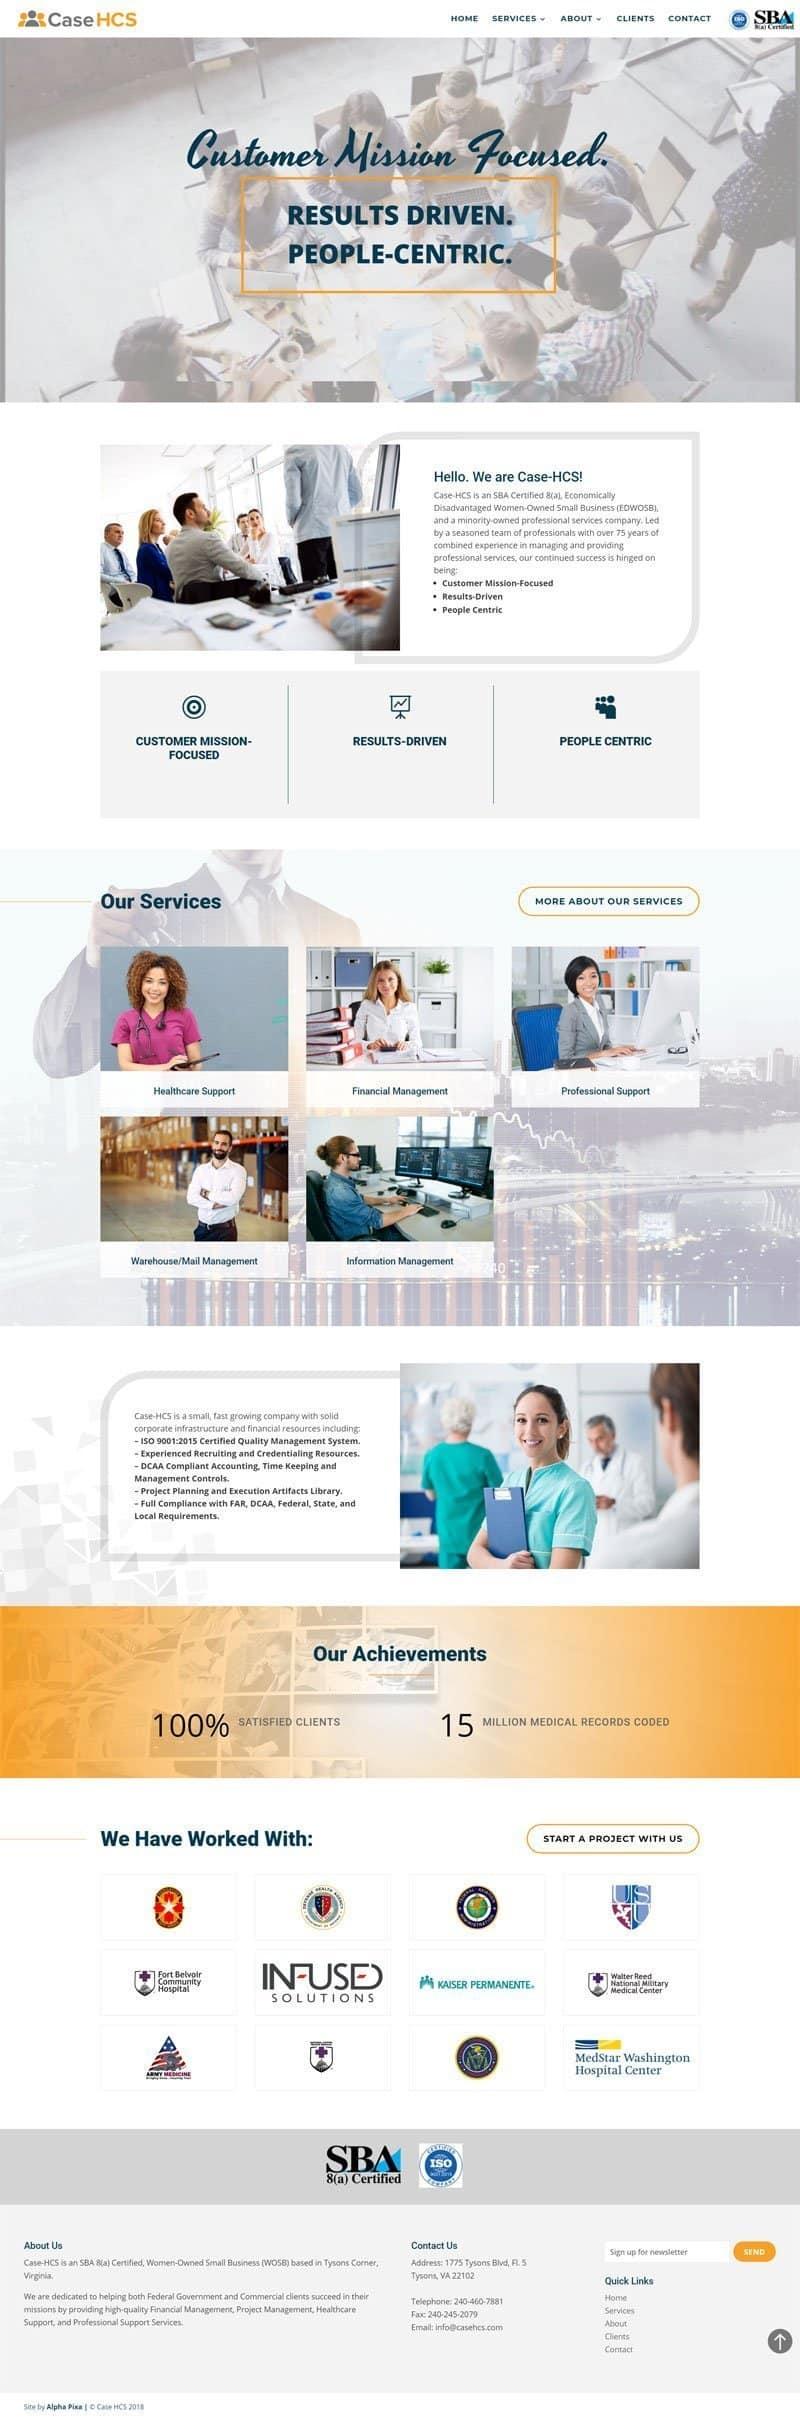 Screenshot of the Case HCS Website by Alpha Pixa